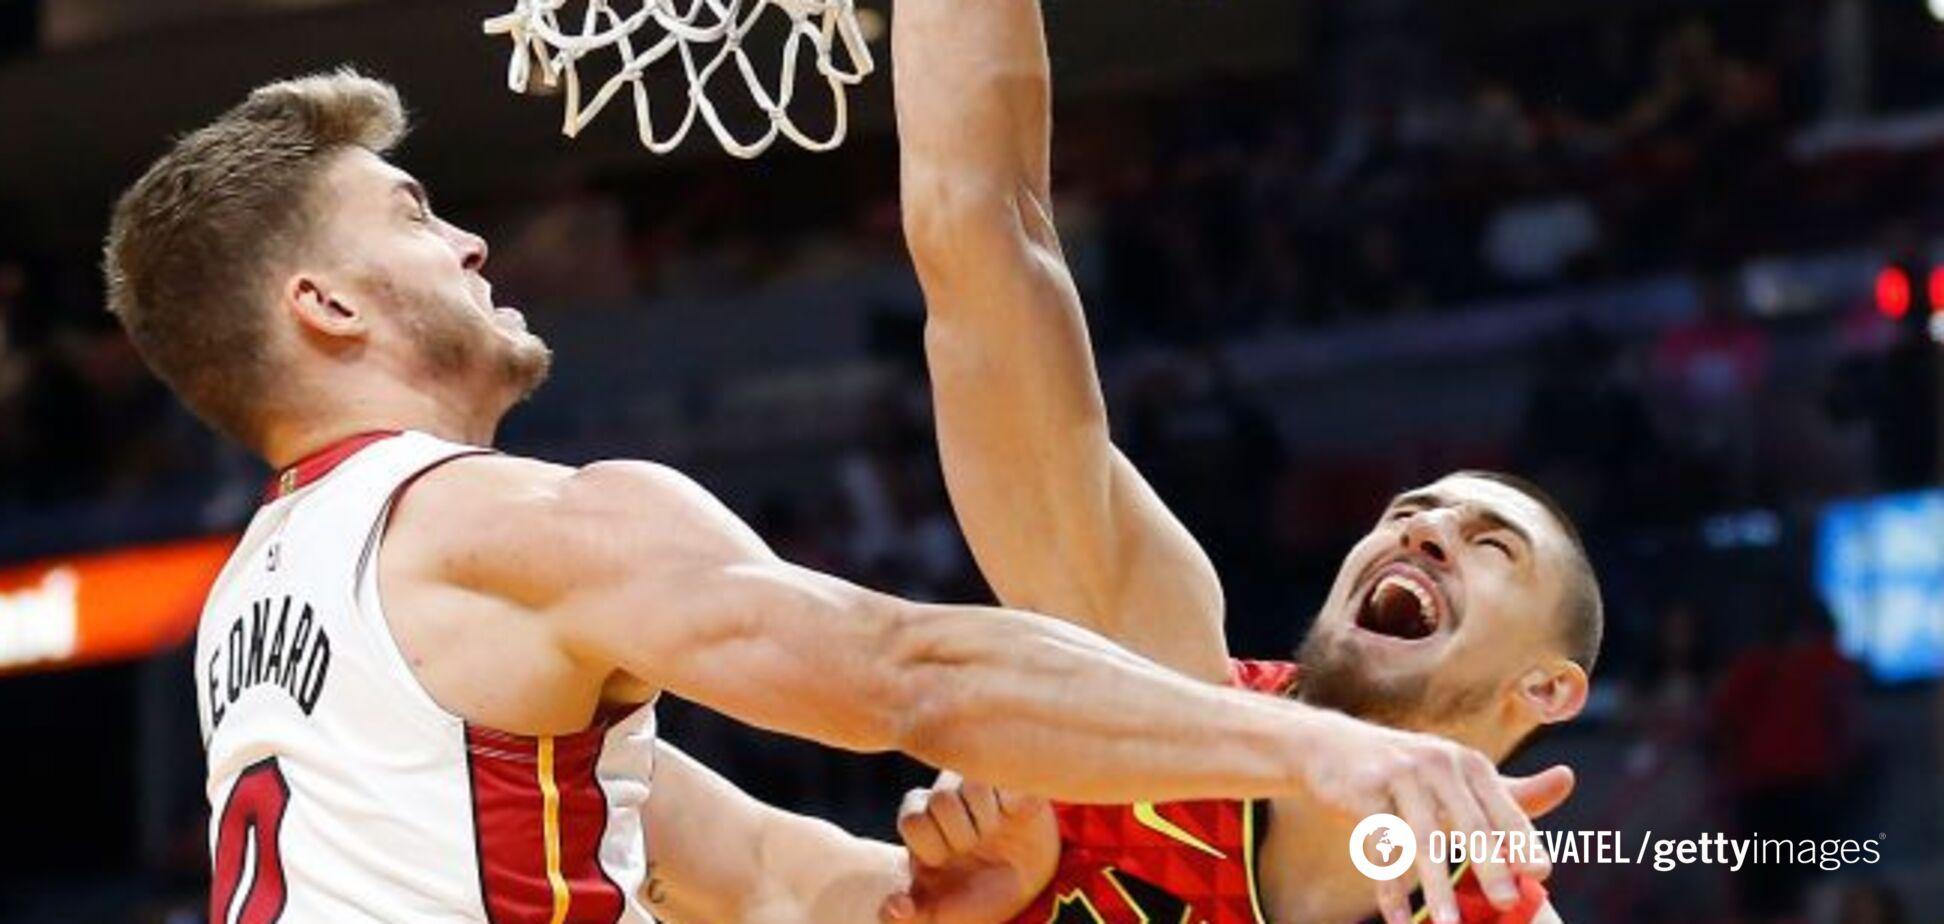 Украинец Лэнь исполнил элегантный трюк в матче НБА